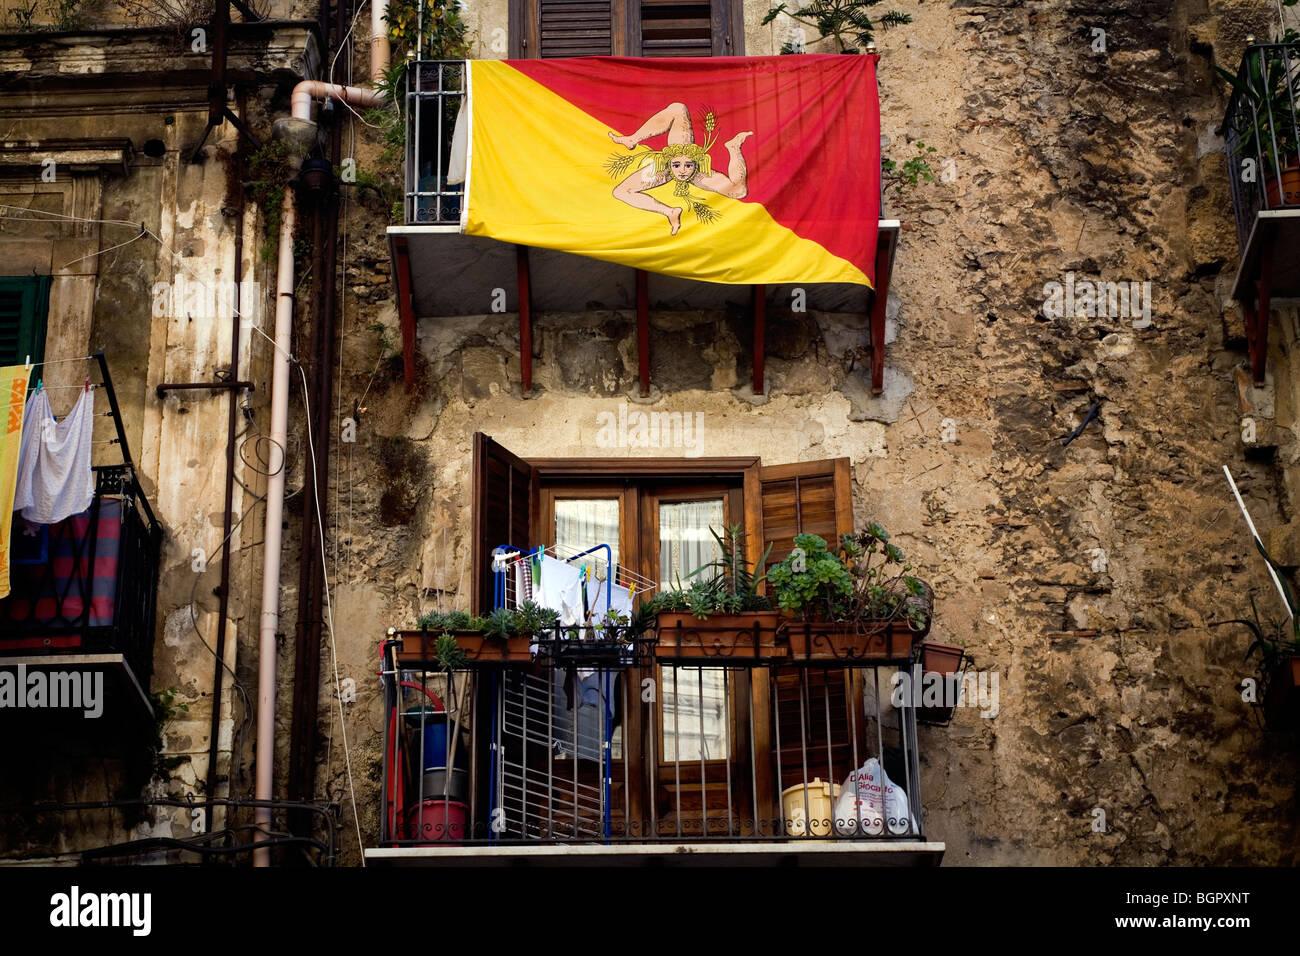 Bandiera siciliana su un balcone Palermo, Sicilia, Italia. Immagini Stock